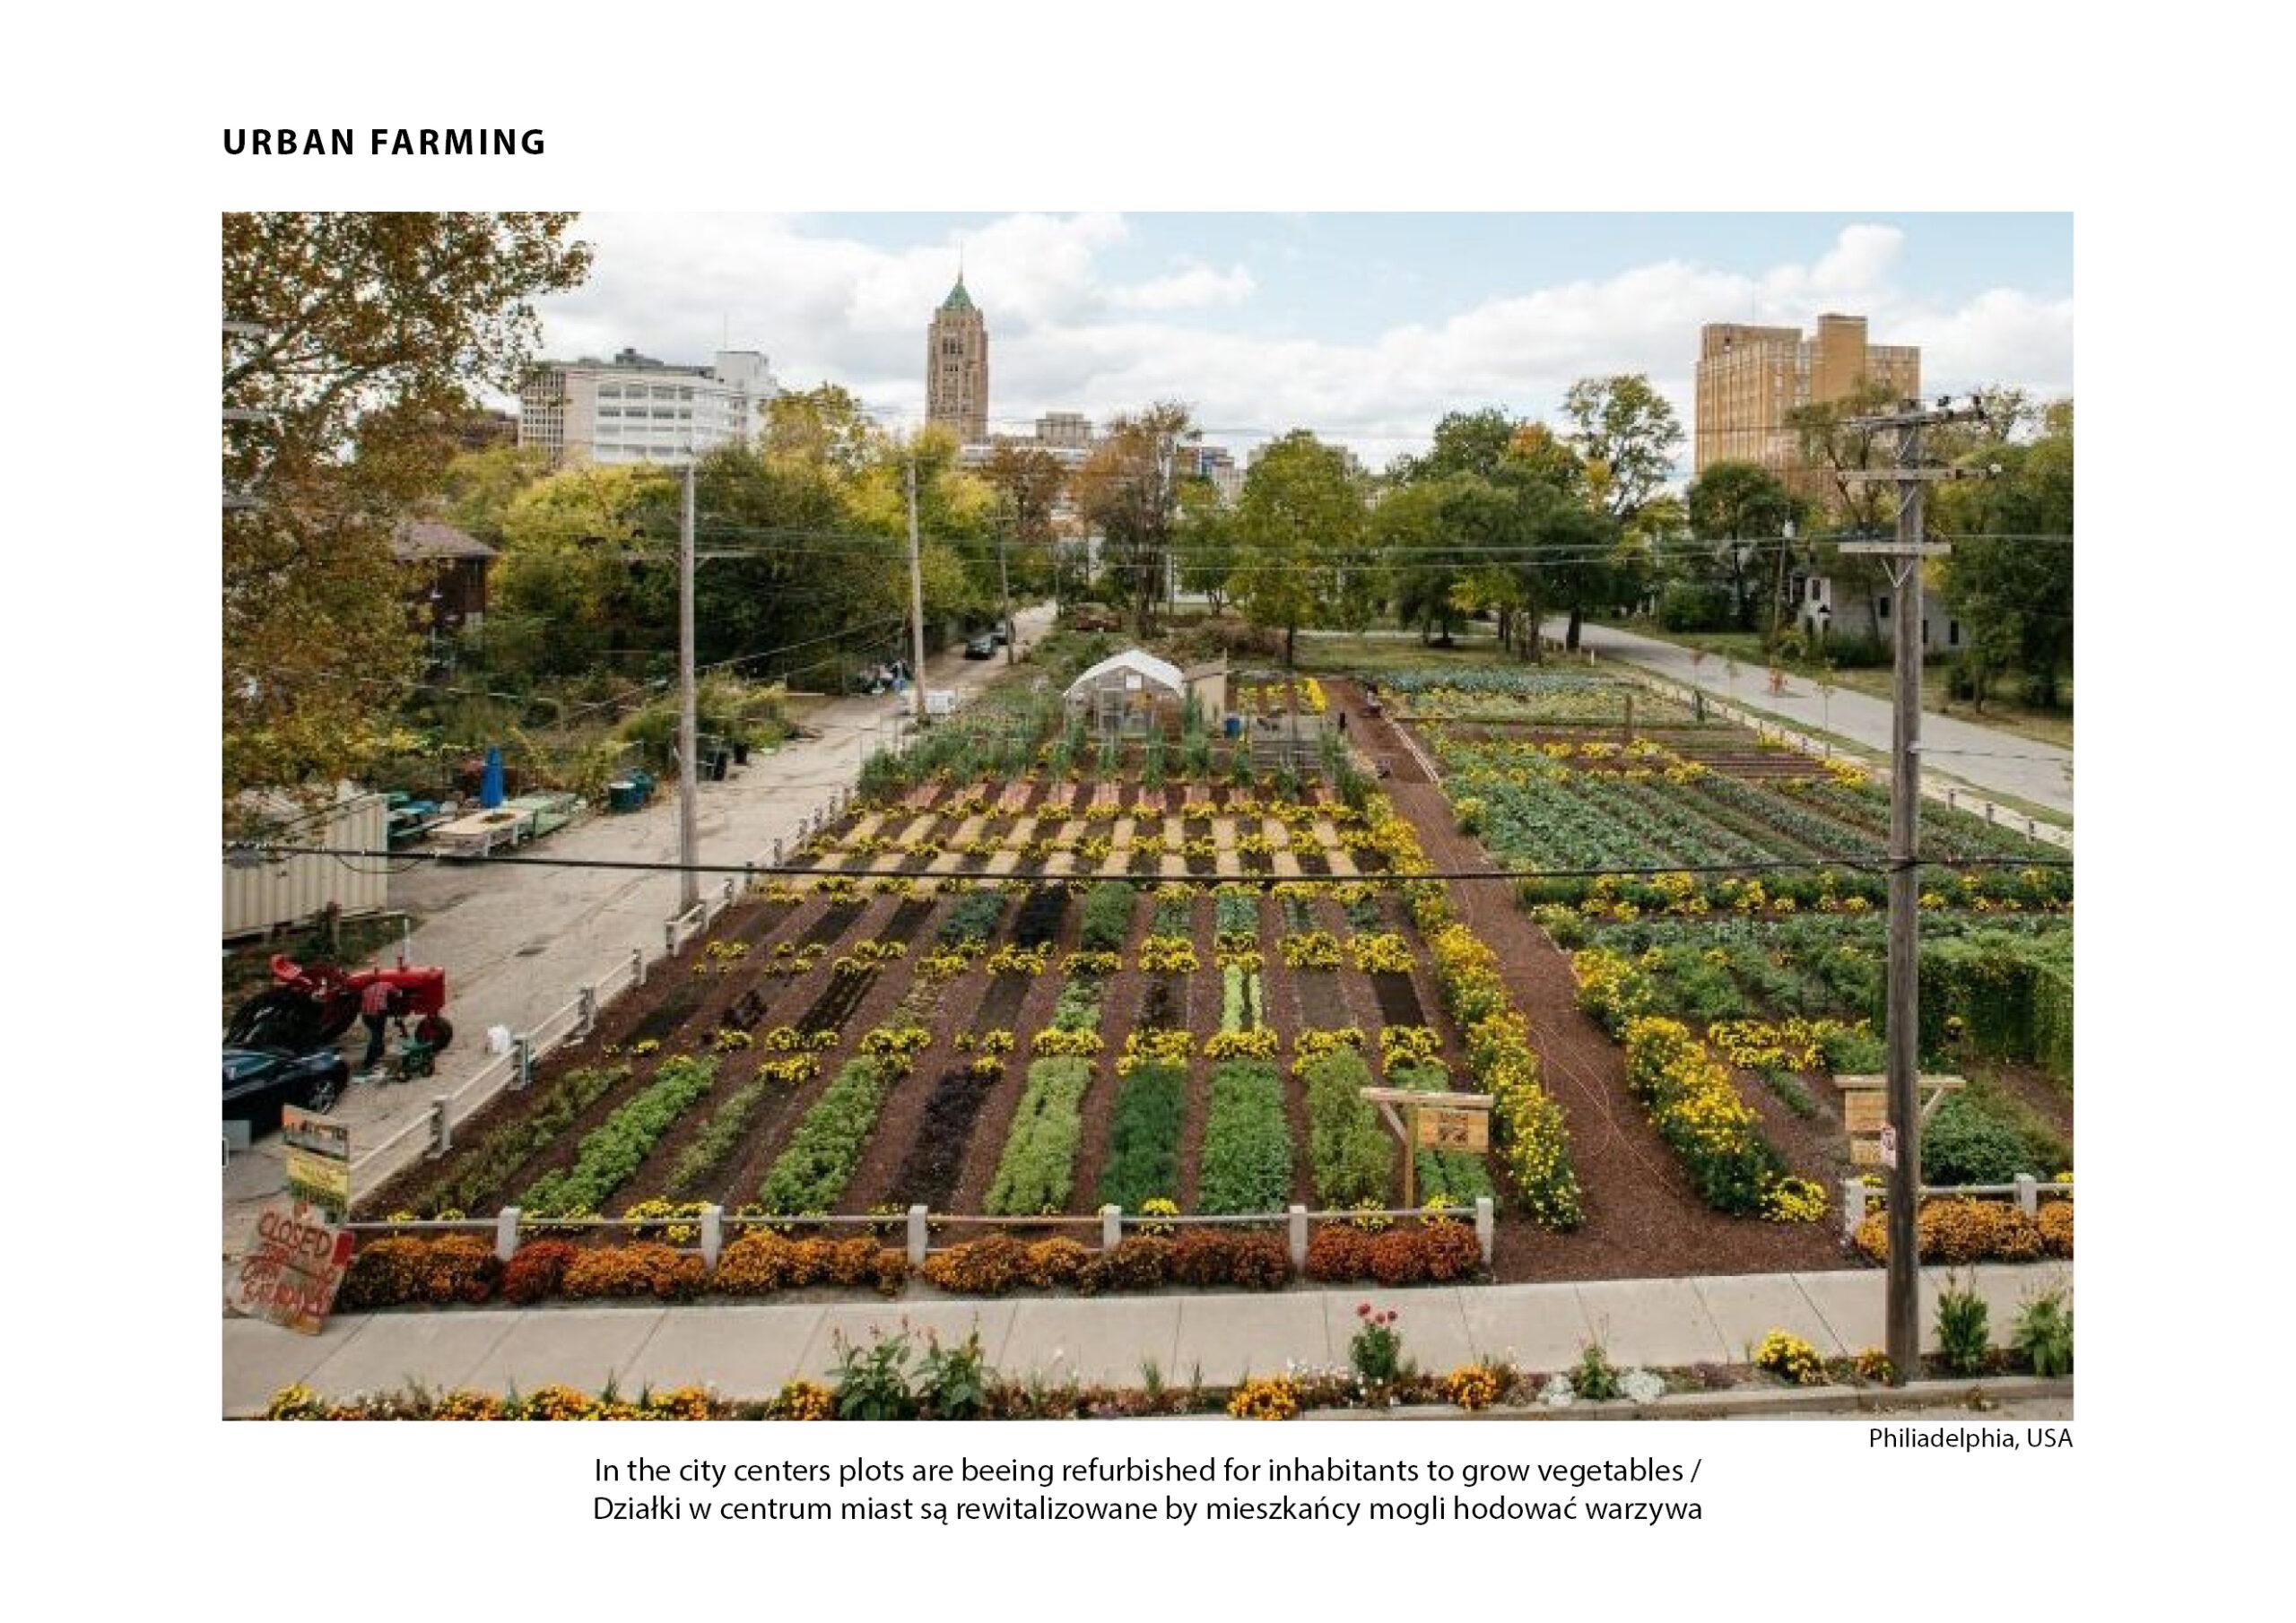 MJZ-Urban-Farming-XXI-Ogrody-Dzialkowe-Przyszlosci2-1